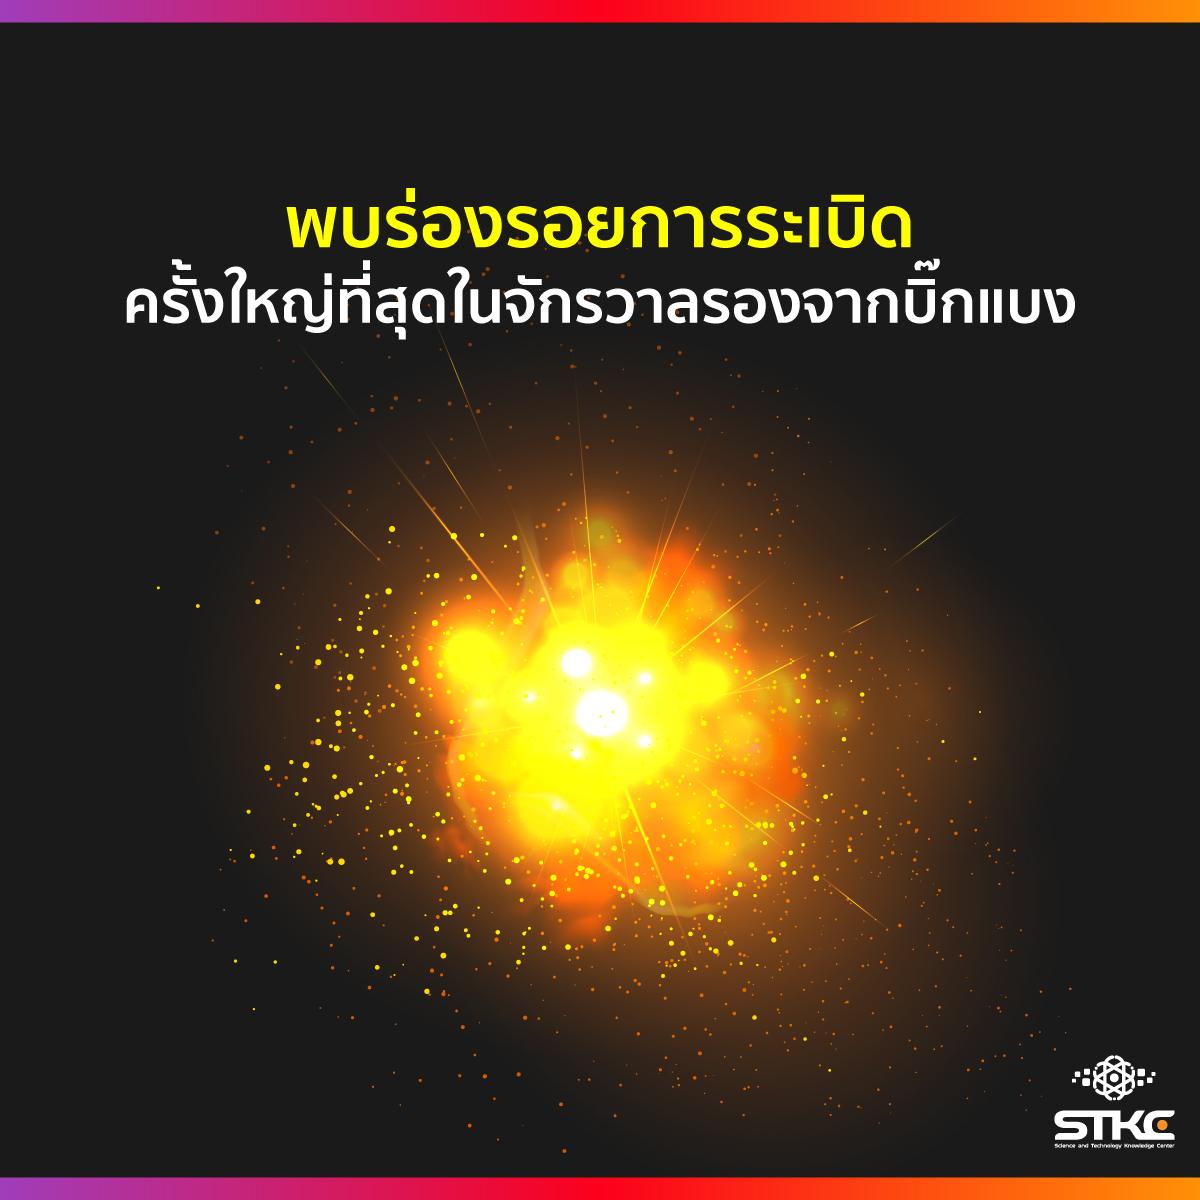 พบร่องรอยการระเบิดครั้งใหญ่ที่สุดในจักรวาลรองจากบิ๊กแบง